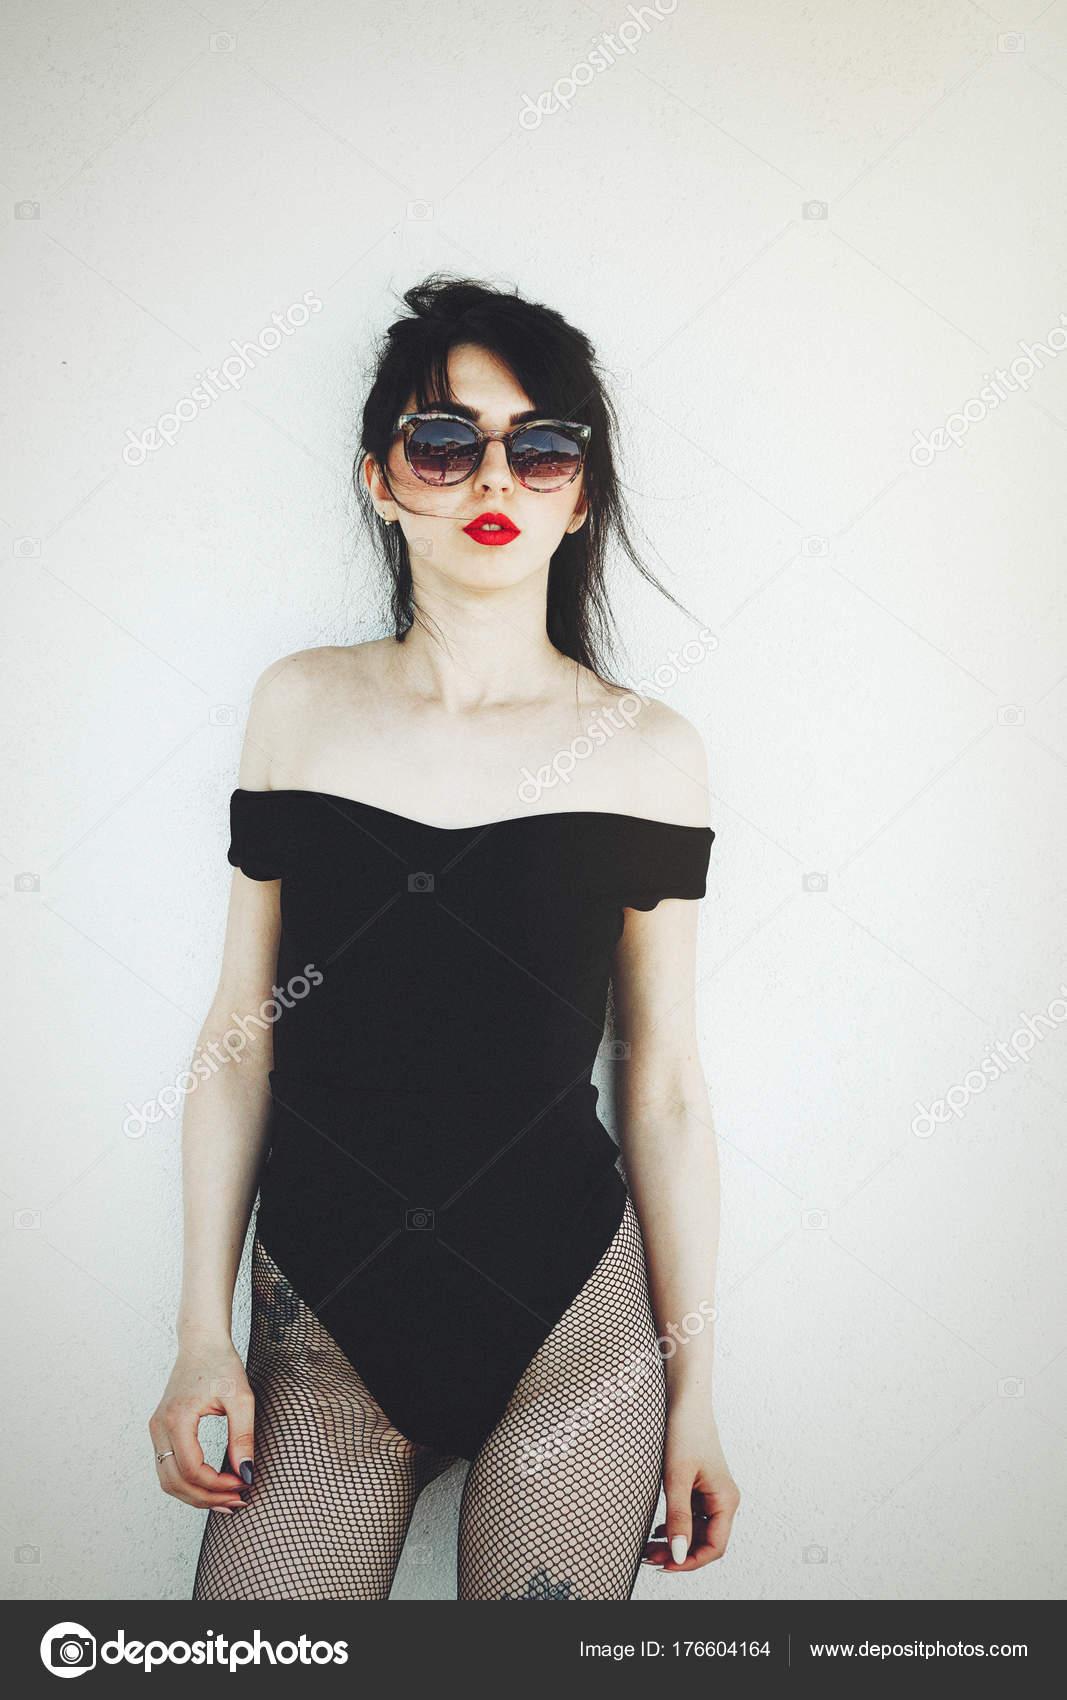 Geschlechtsasiatische Sex-Ppics Schwarze Frau blätterin